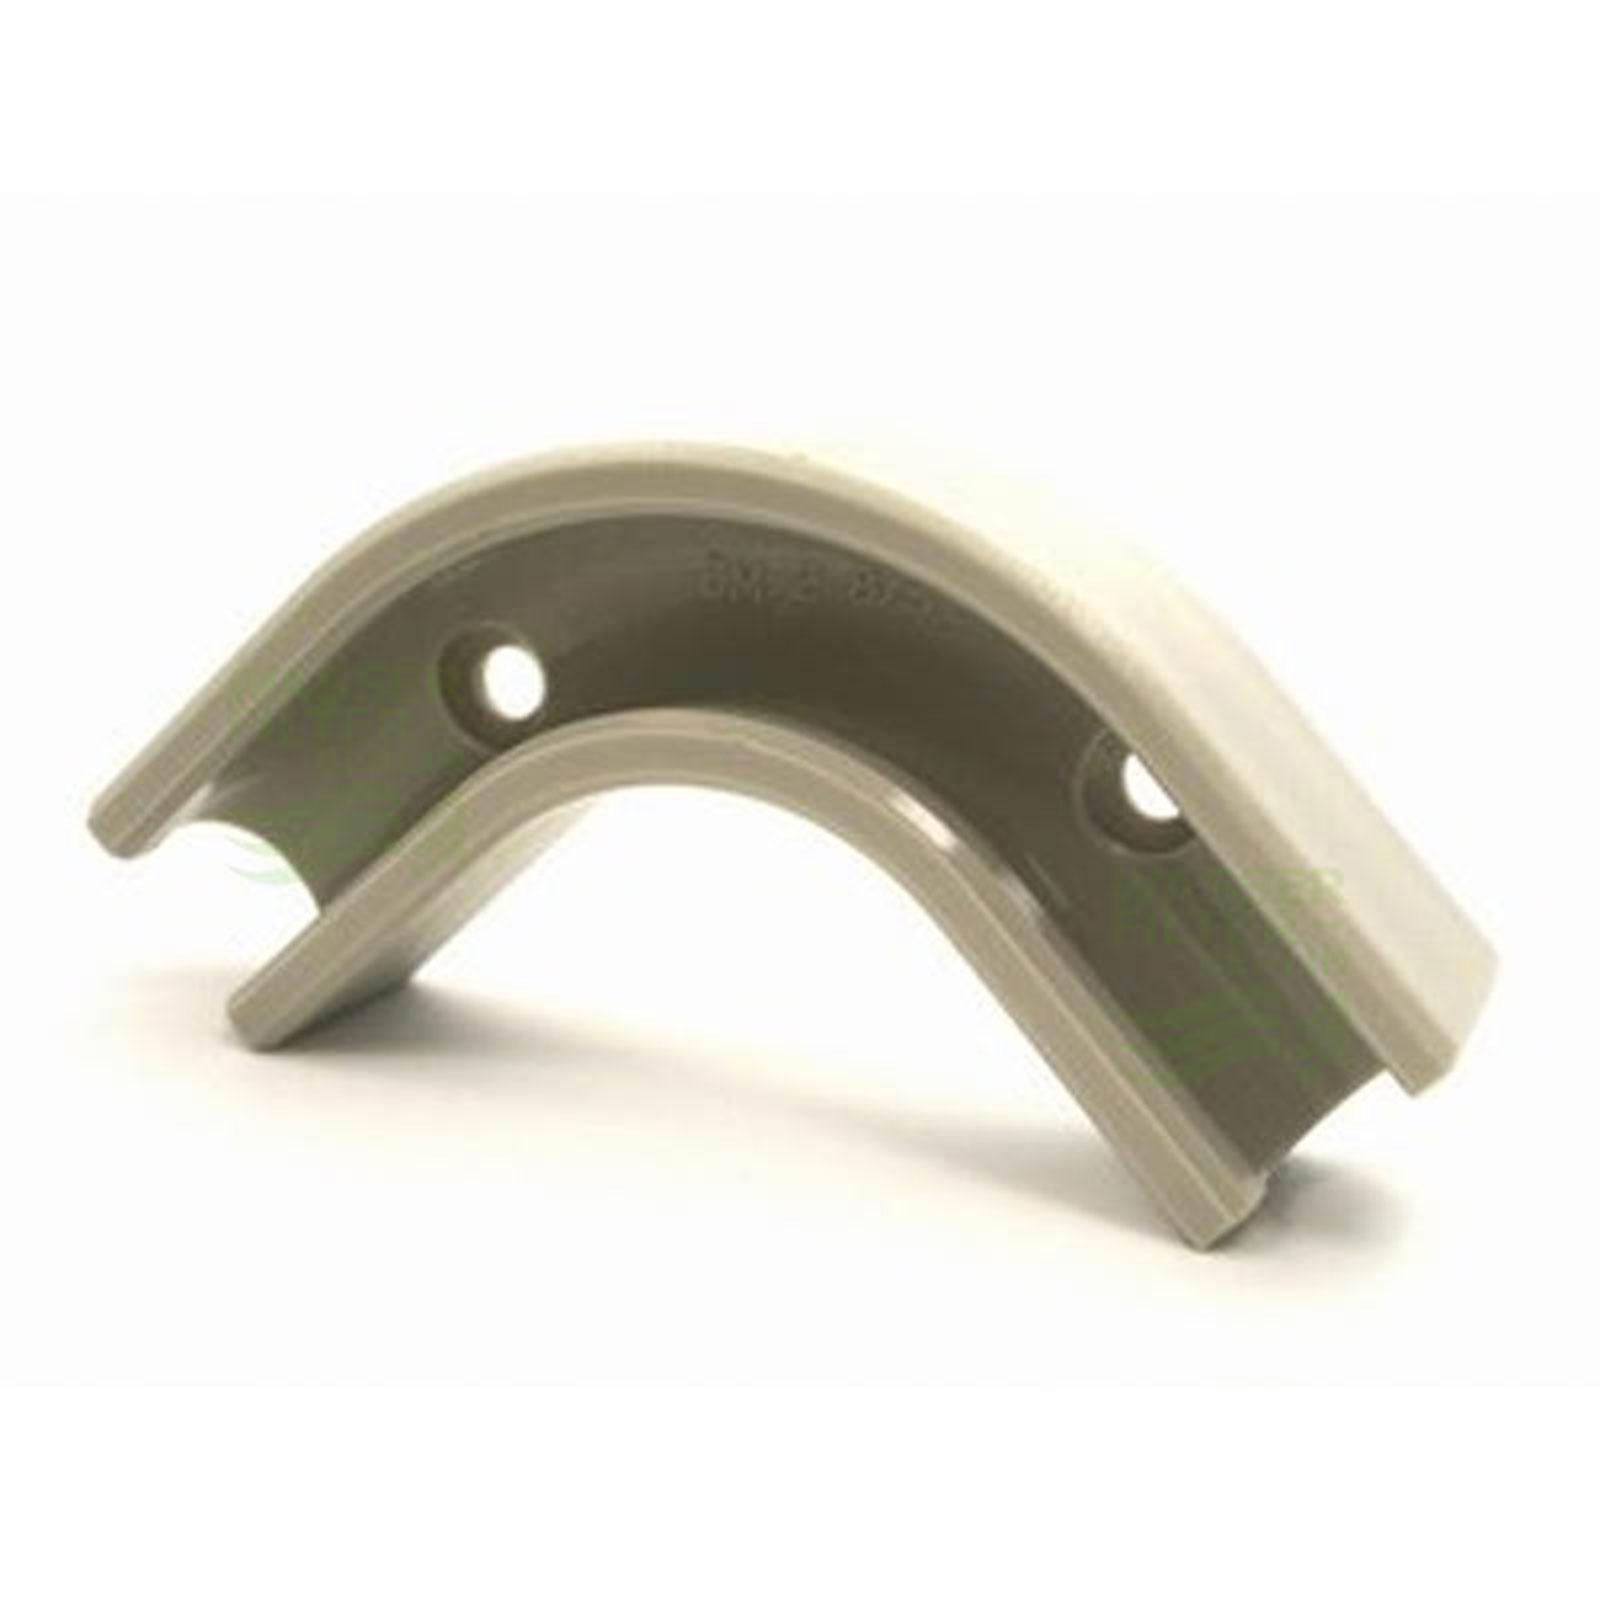 Wasserstelle Montagewinkel 90 Grad für 5-6 mm Schlauch (1/4